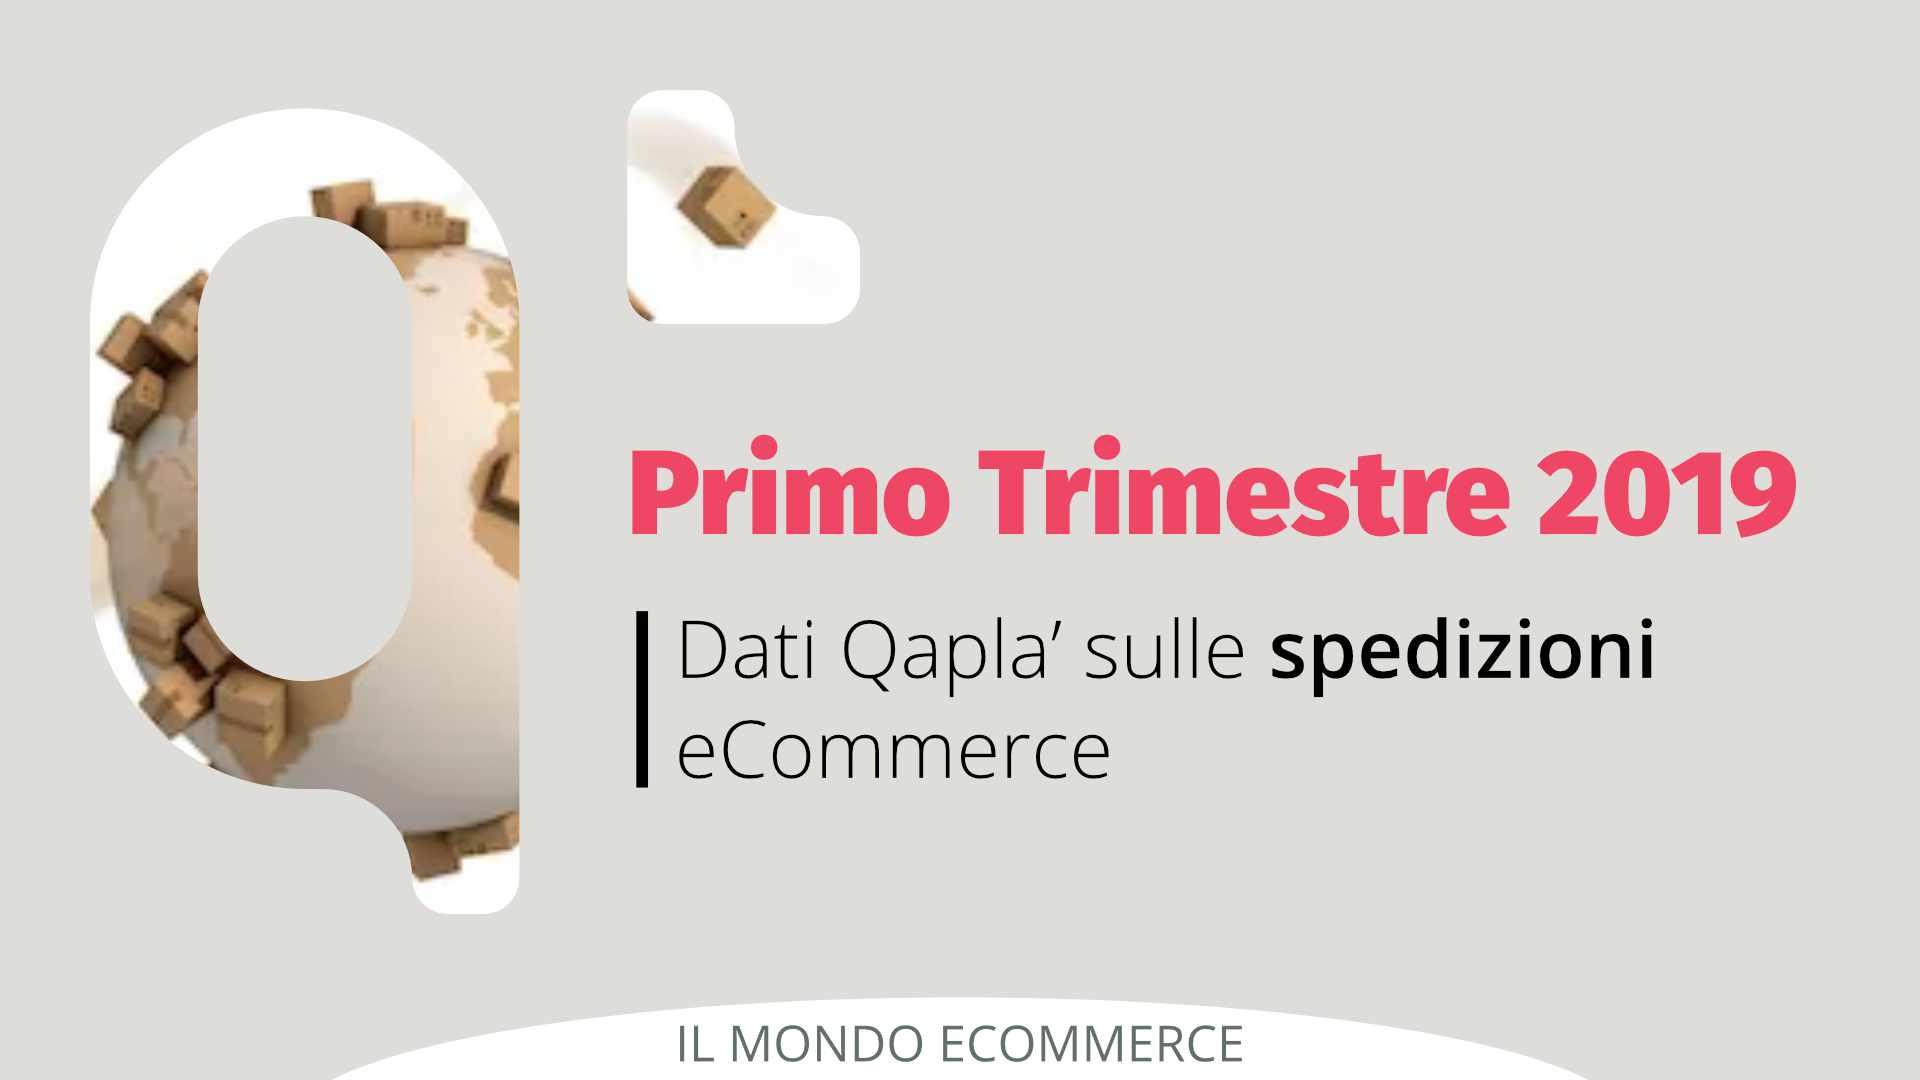 I Trimestre 2019: i dati Qapla' su Spedizioni eCommerce